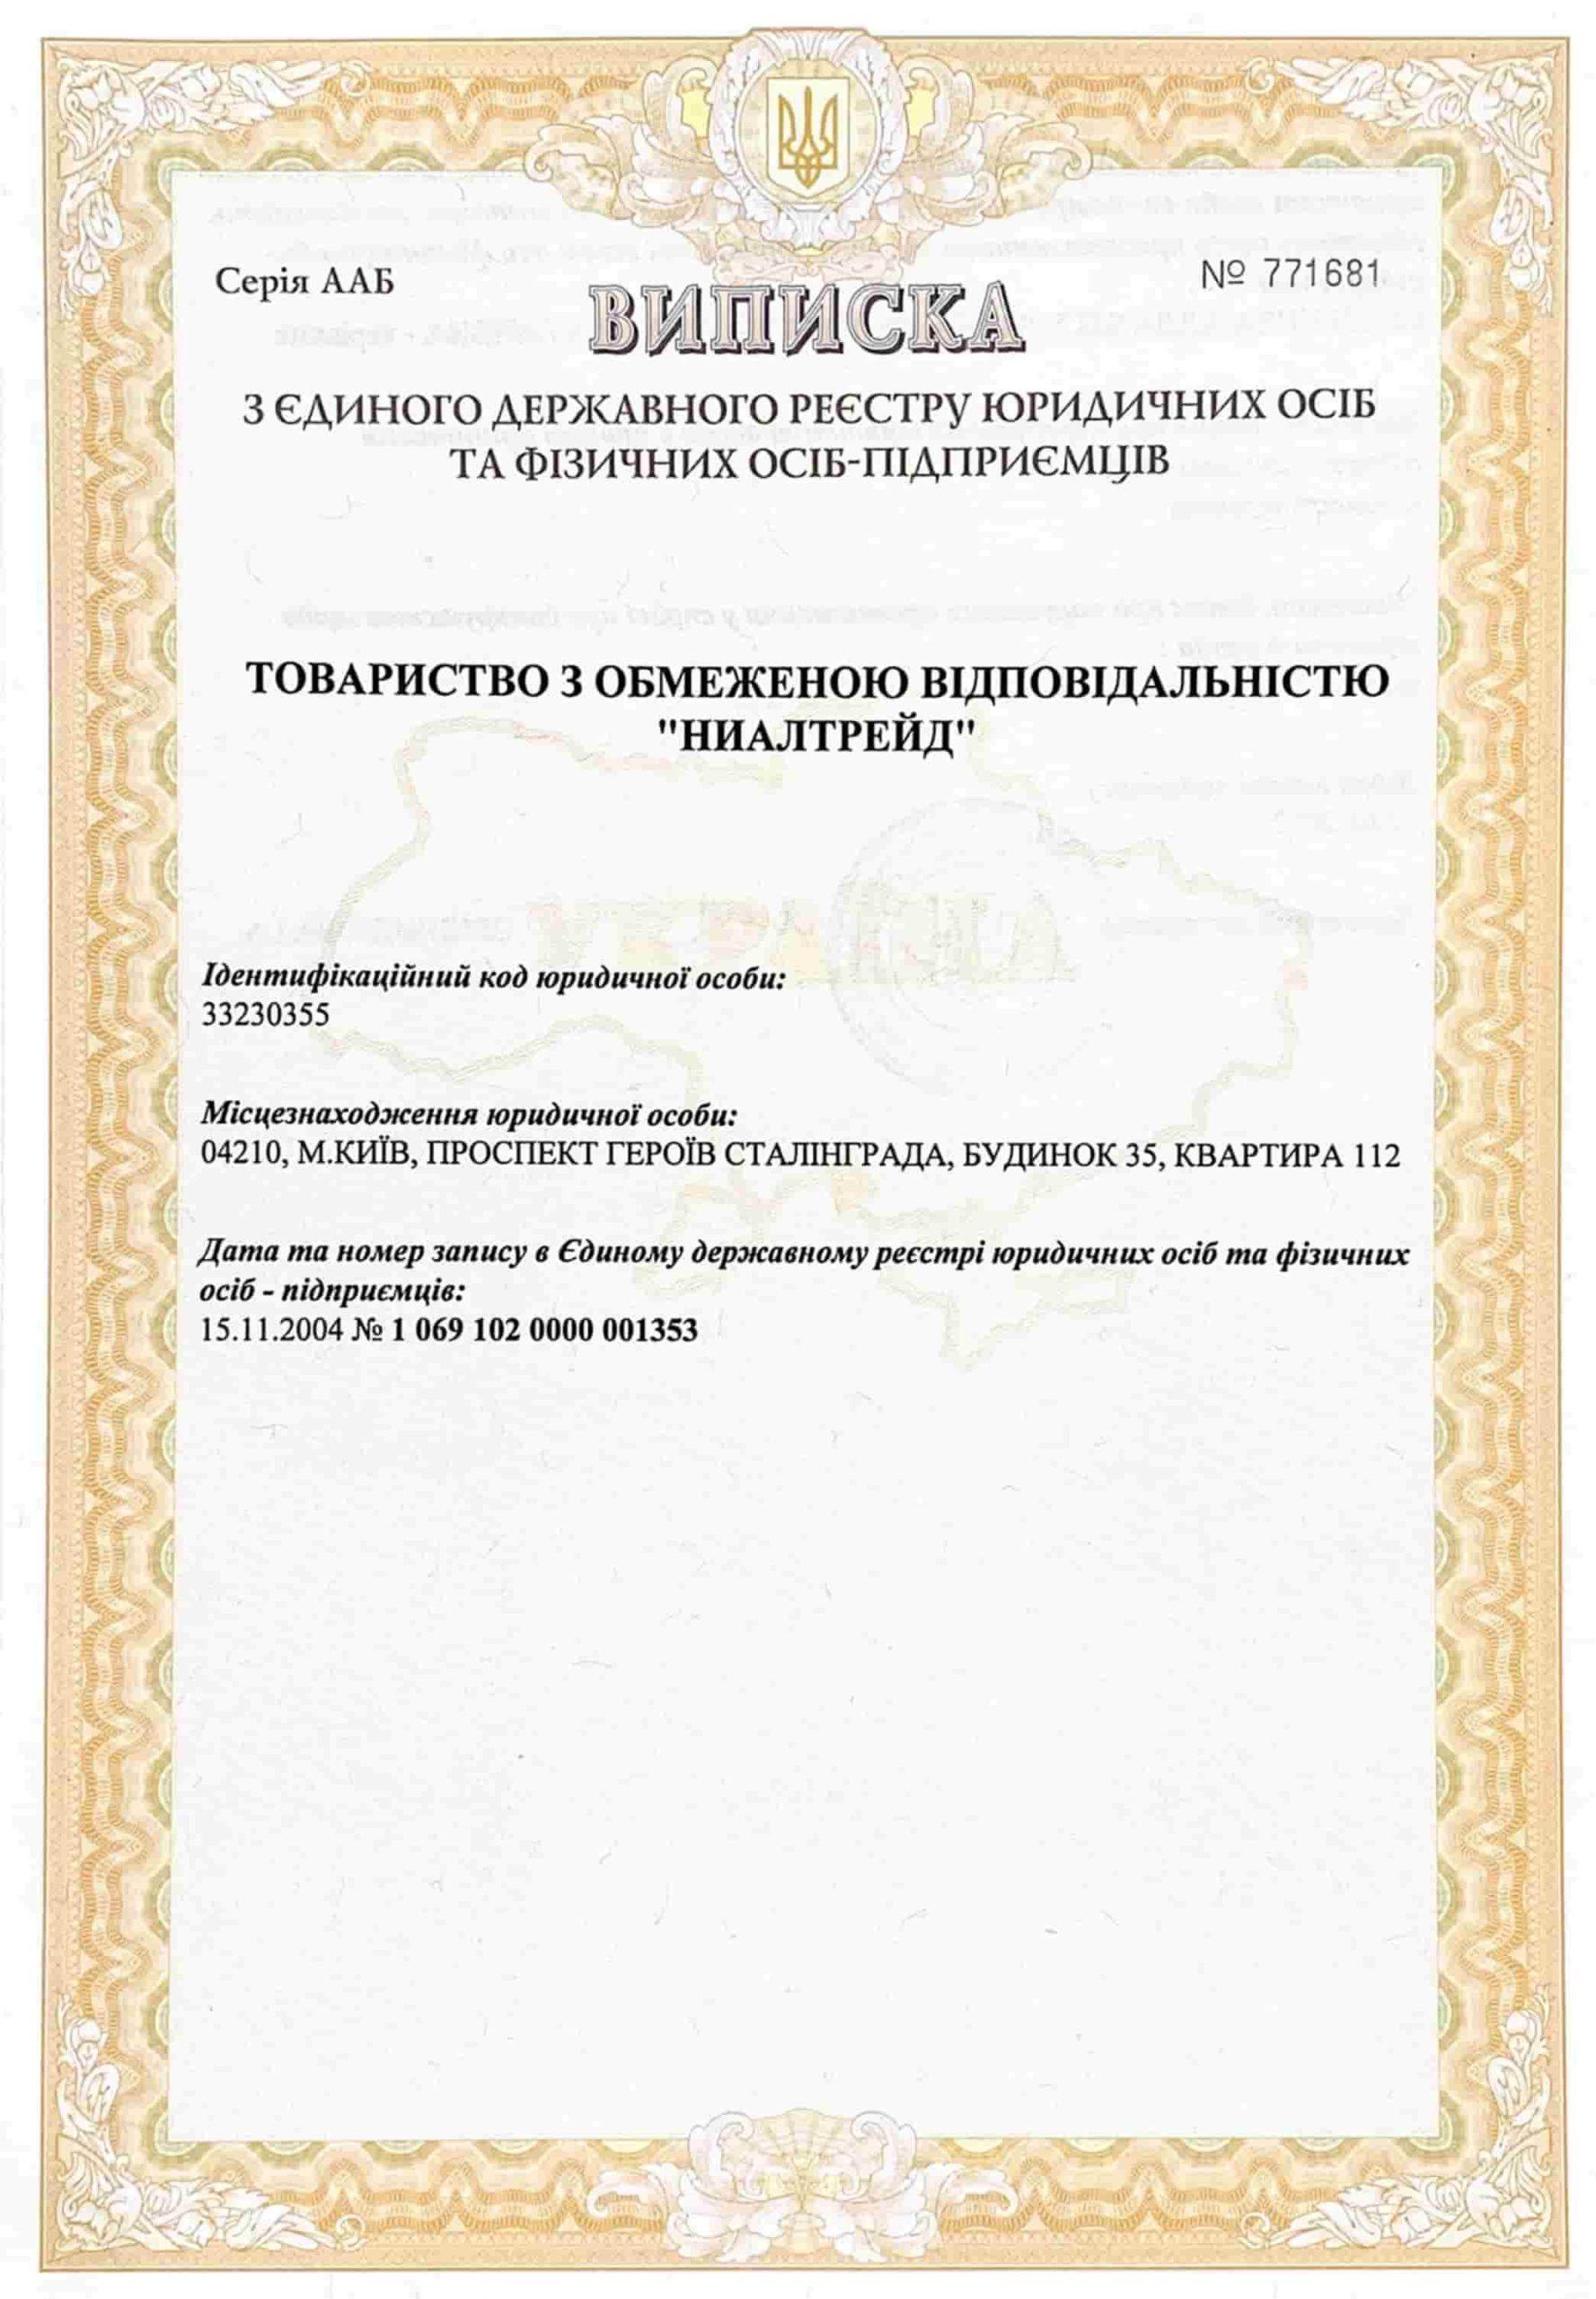 ВЫПИСКА ЕДРПОУ-33230355